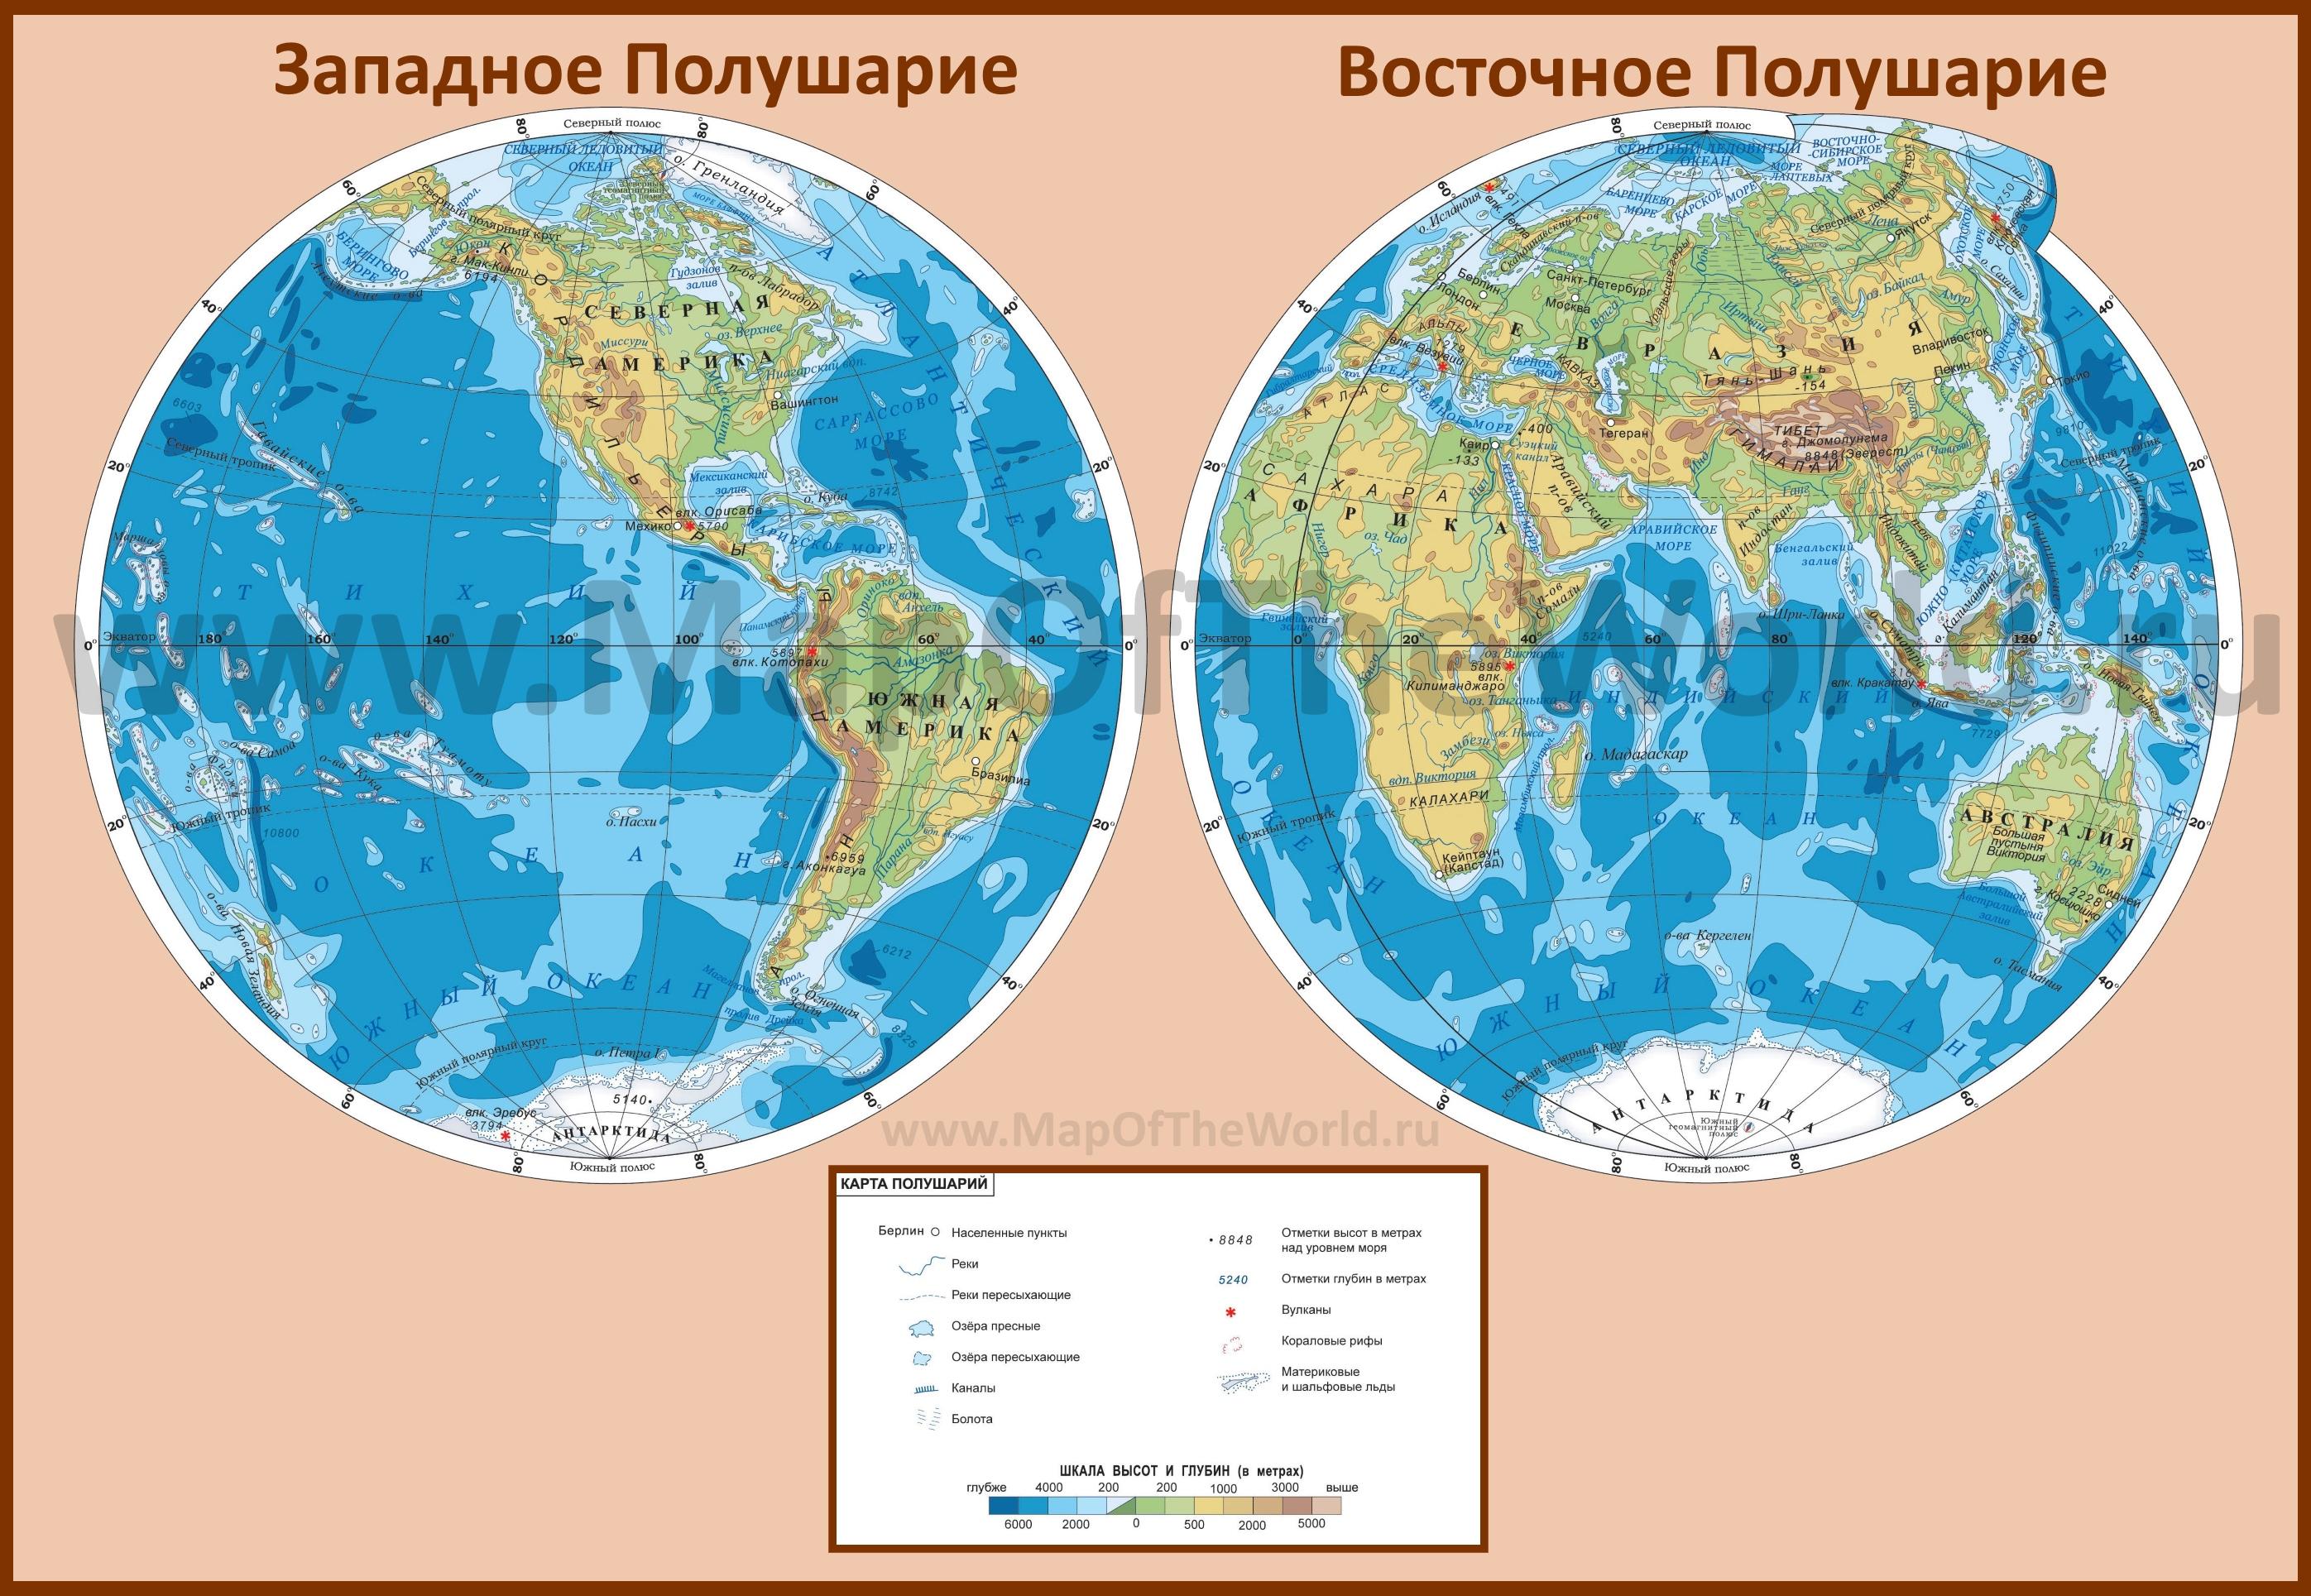 Где на карте полушарий находится гренландия на карте полушарий